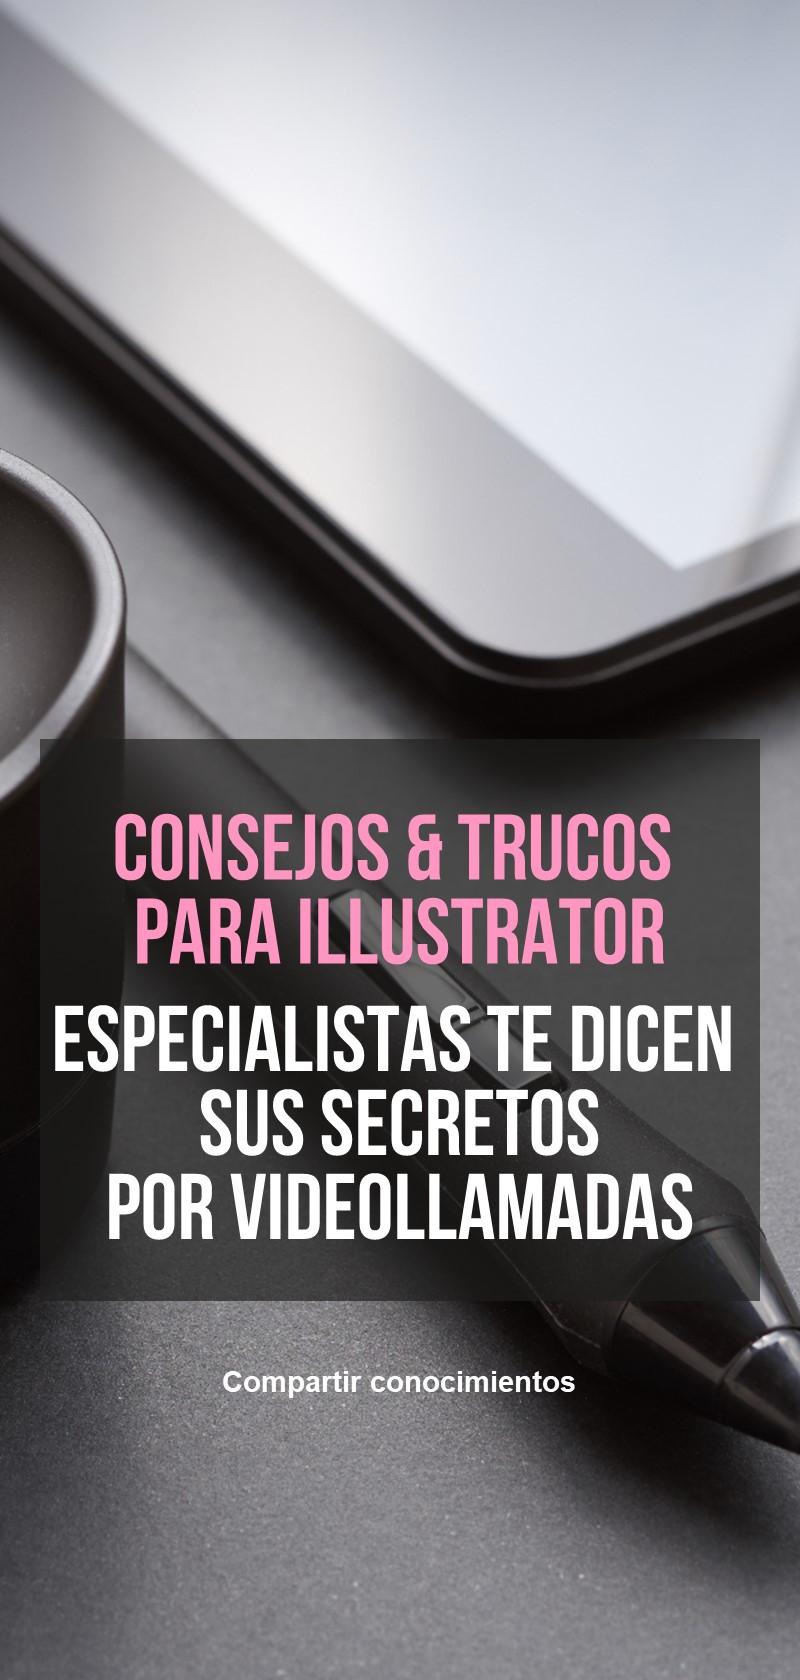 Especialista en Illustrator